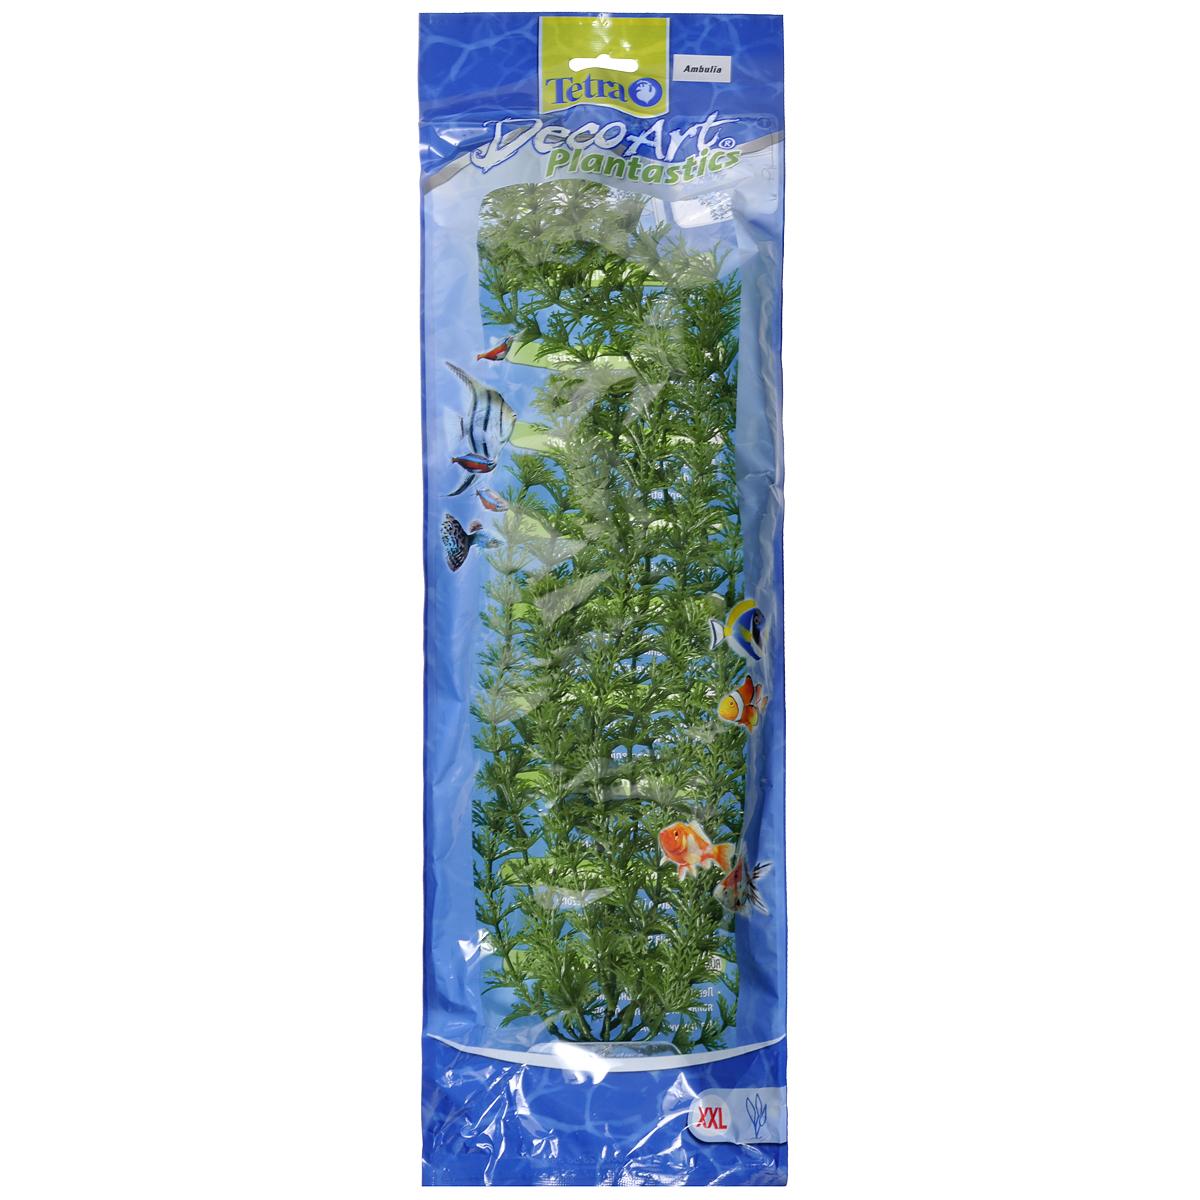 Искусственное растение для аквариума Tetra Амбулия XXL607132Это растение хорошо подойдет для оформления аквариума. Естественно выглядящее искусственное растение; Для использования в любых аквариумах; Создает отличное место для укрытия (в т.ч. для метания икры); Легко и быстро устанавливается, является абсолютно безопасным; Не требует ухода; Долгое время не теряет форму и окраску. Высота растения: 46 см.